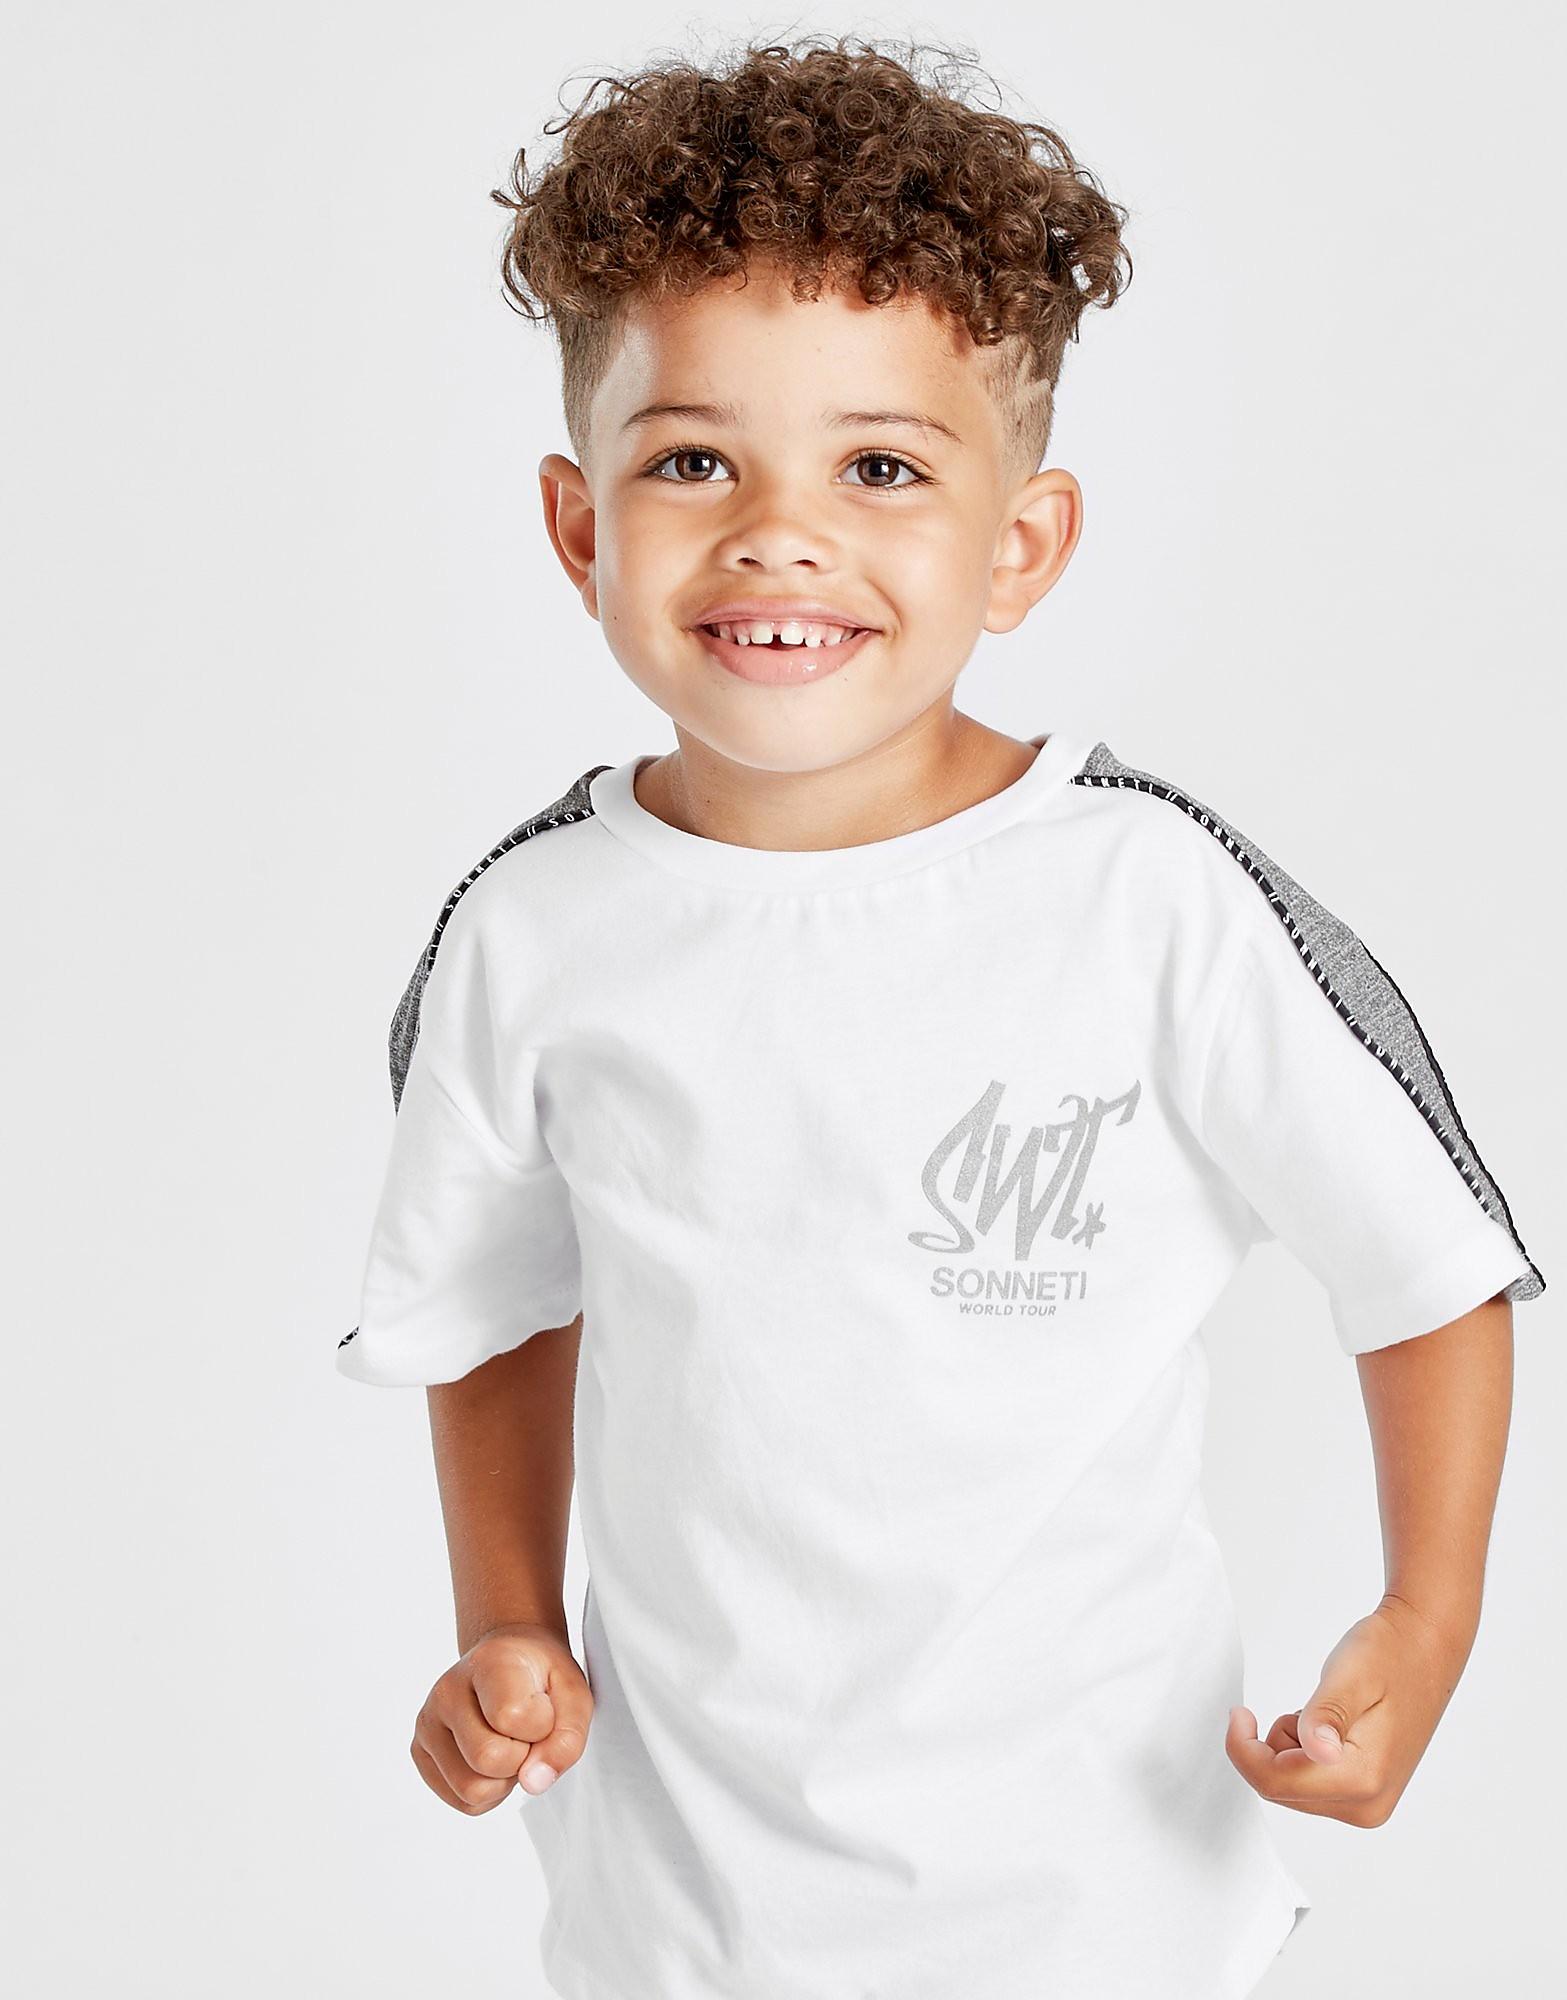 Sonneti Mini Paxon T-Shirt Children